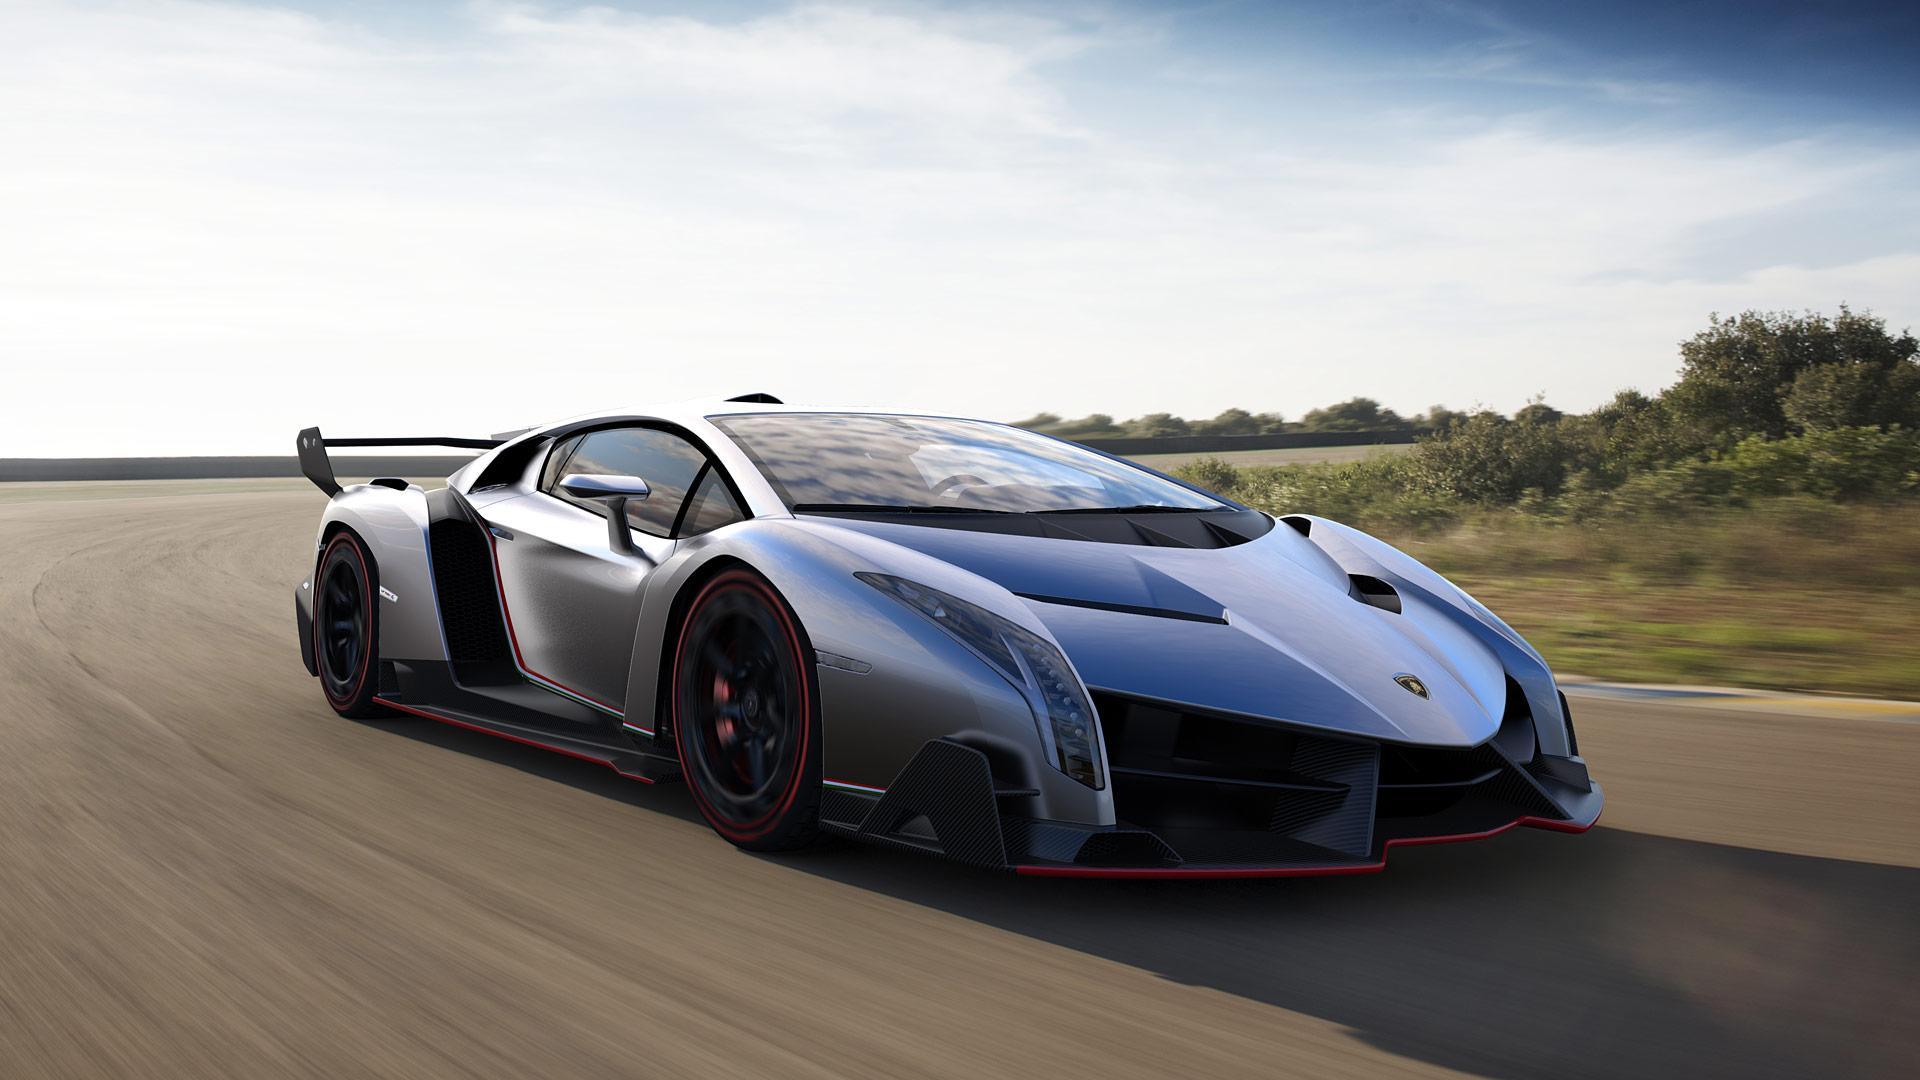 44 Lamborghini Hd Wallpapers 1080p On Wallpapersafari